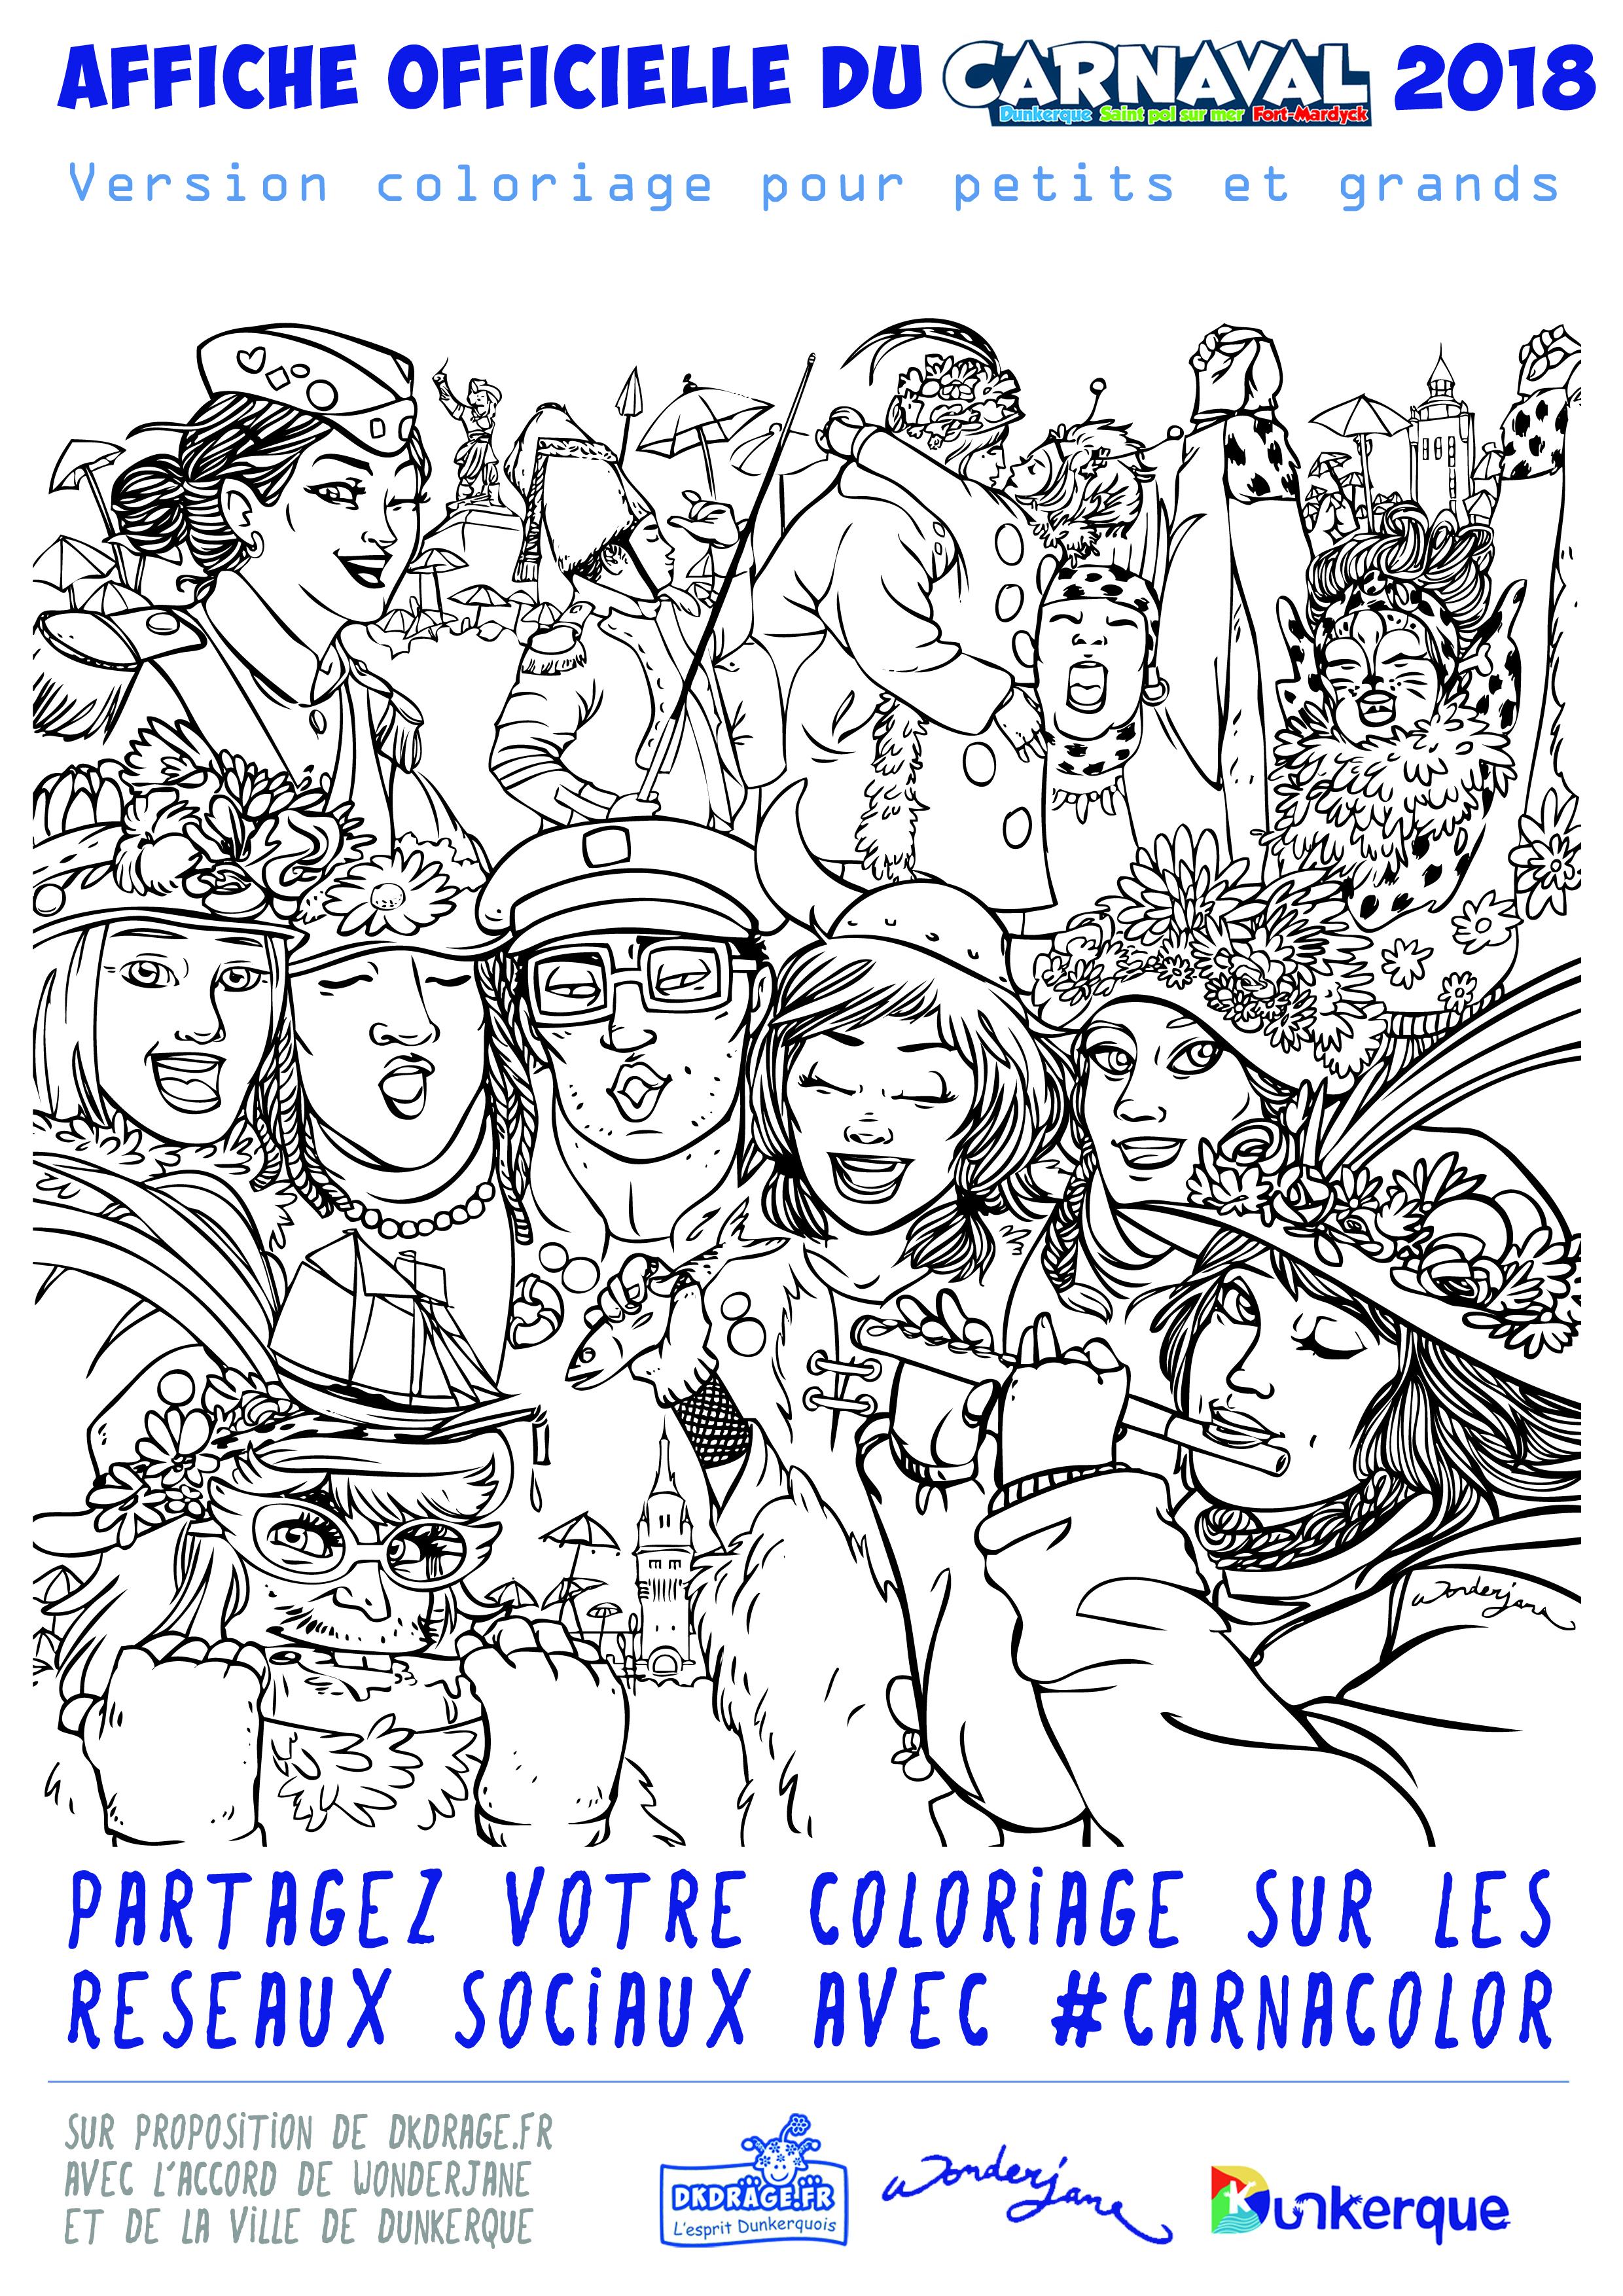 Affiche du carnaval 2018 en version coloriage. Clic droit > Enregistrer sous